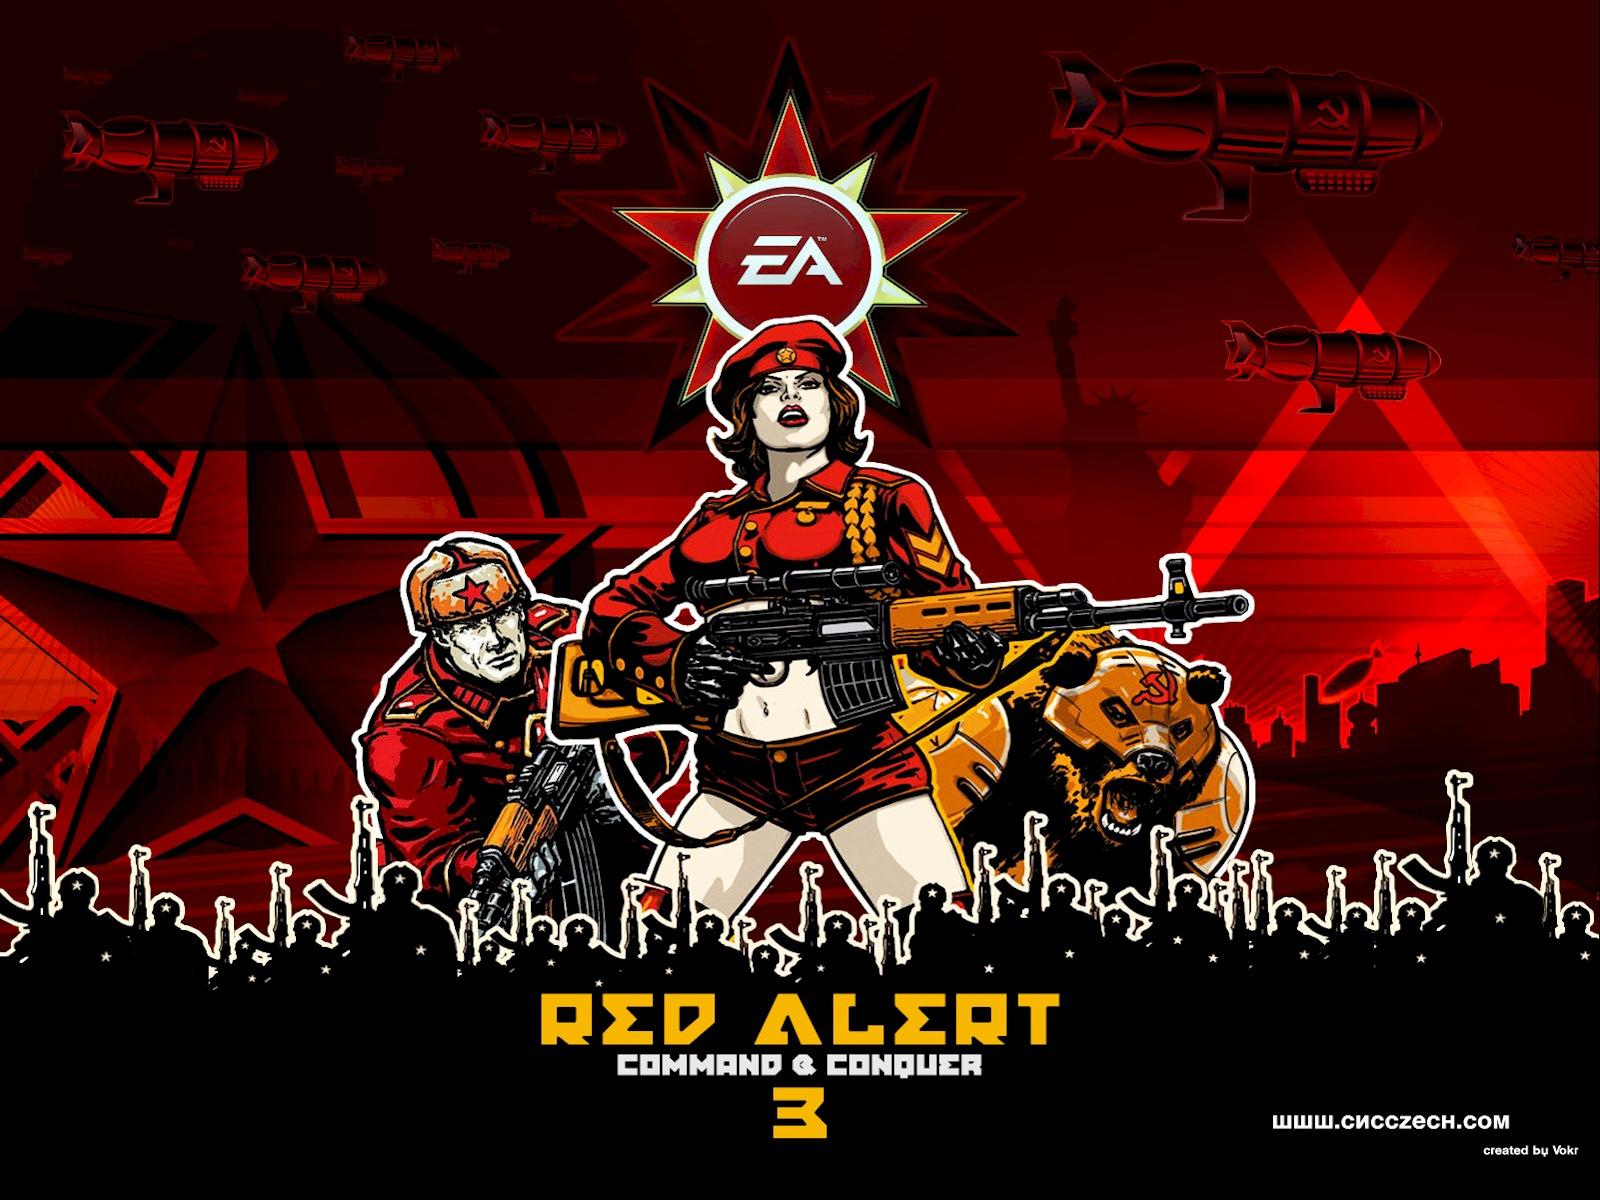 http://4.bp.blogspot.com/_W4aqJBVe4Lw/TQSNBLH5LkI/AAAAAAAAAXQ/YvoIyMpY6Rg/s1600/red_alert_3_wallpaper.jpg